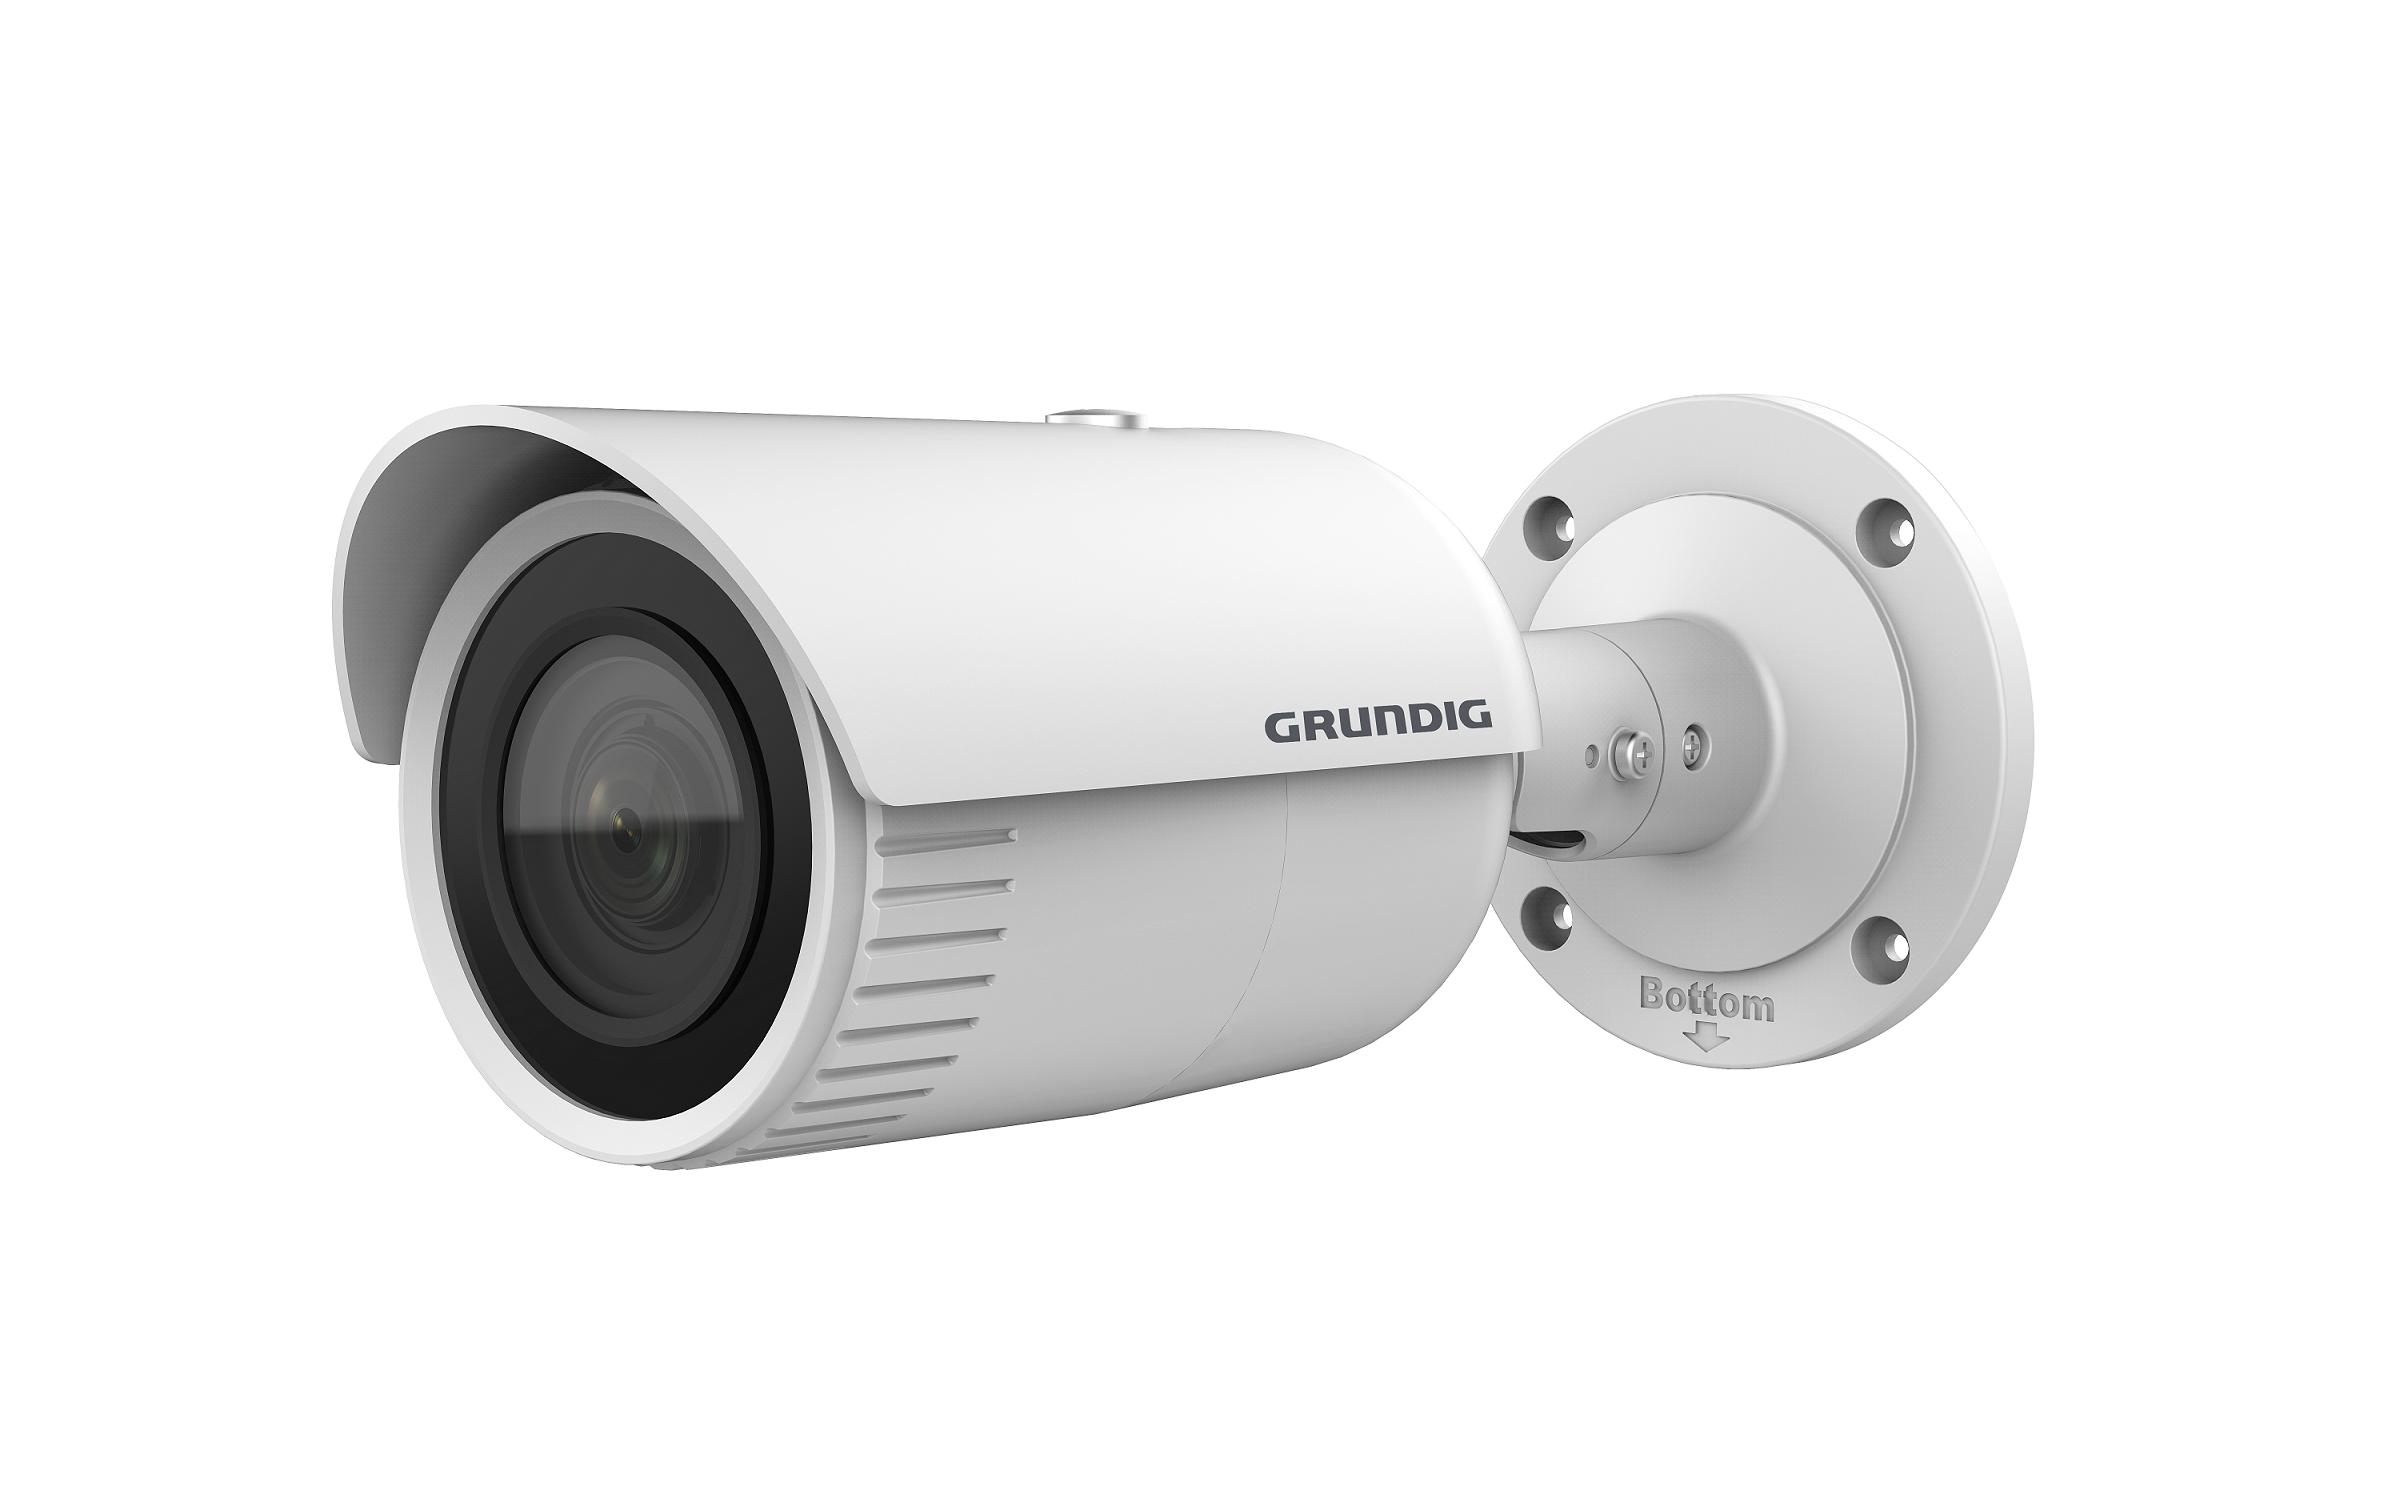 grundig-bullet-ip-camera